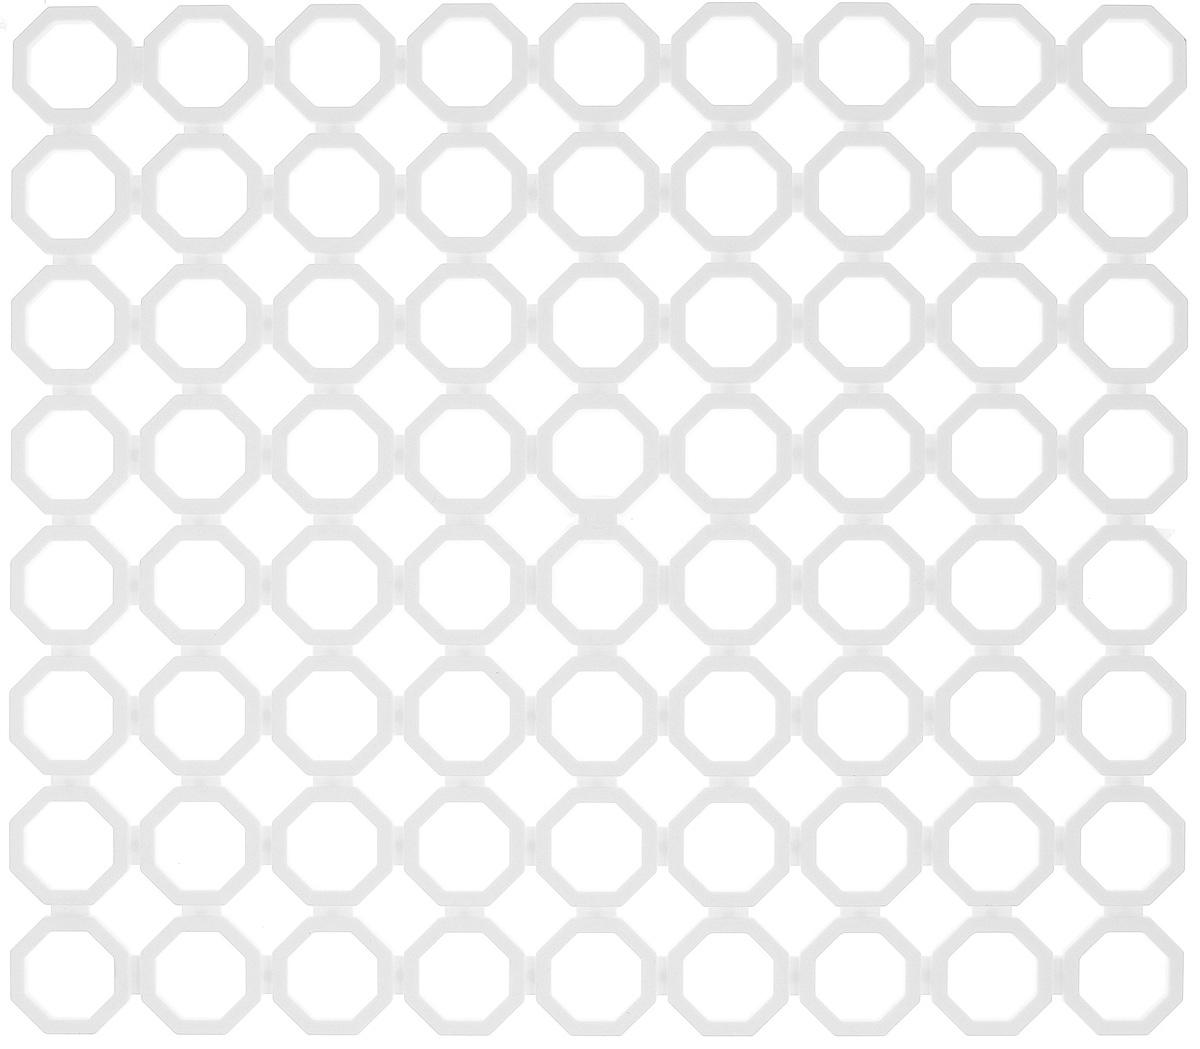 Коврик для раковины York, цвет: белый, 29 х 25,7 см9562_белыйСтильный и удобный коврик для раковины York изготовлен из сложных полимеров. Он одновременно выполняет несколько функций: украшает, защищает мойку от царапин и сколов, смягчает удары при падении посуды в мойку. Коврик также можно использовать для сушки посуды, фруктов и овощей. Он легко очищается от грязи и жира.